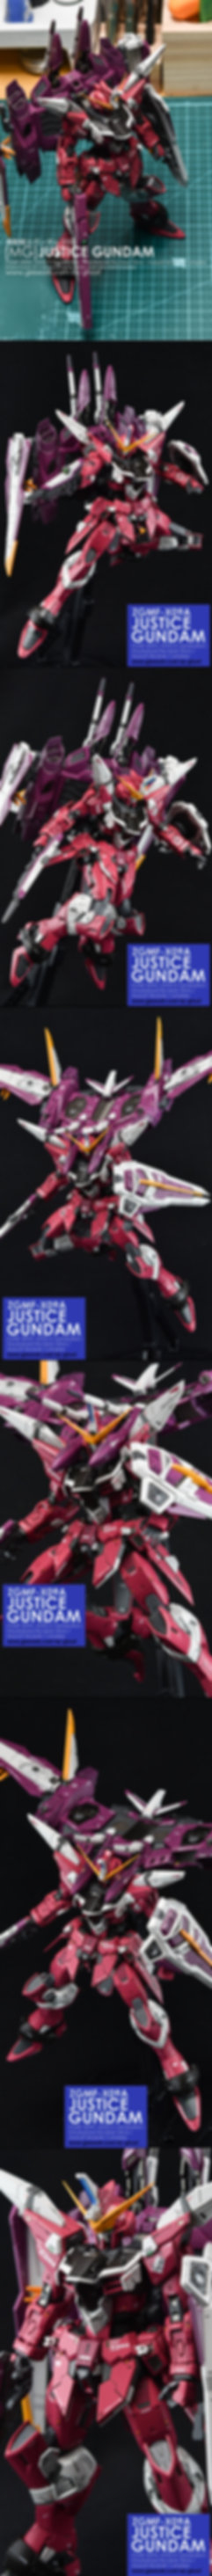 justice_03.jpg